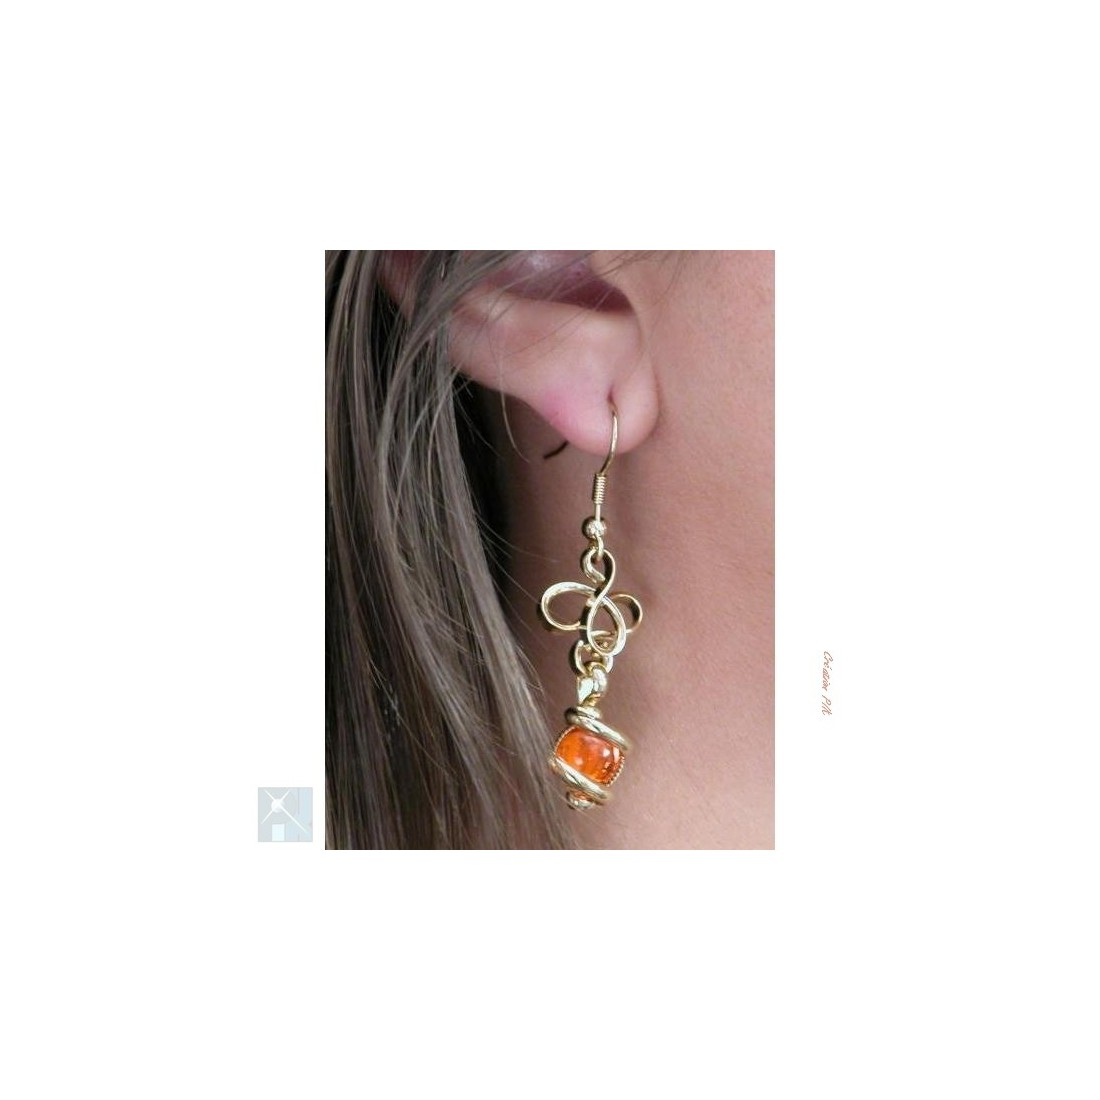 Boucles d'oreilles en fils entrelacés, oranges.